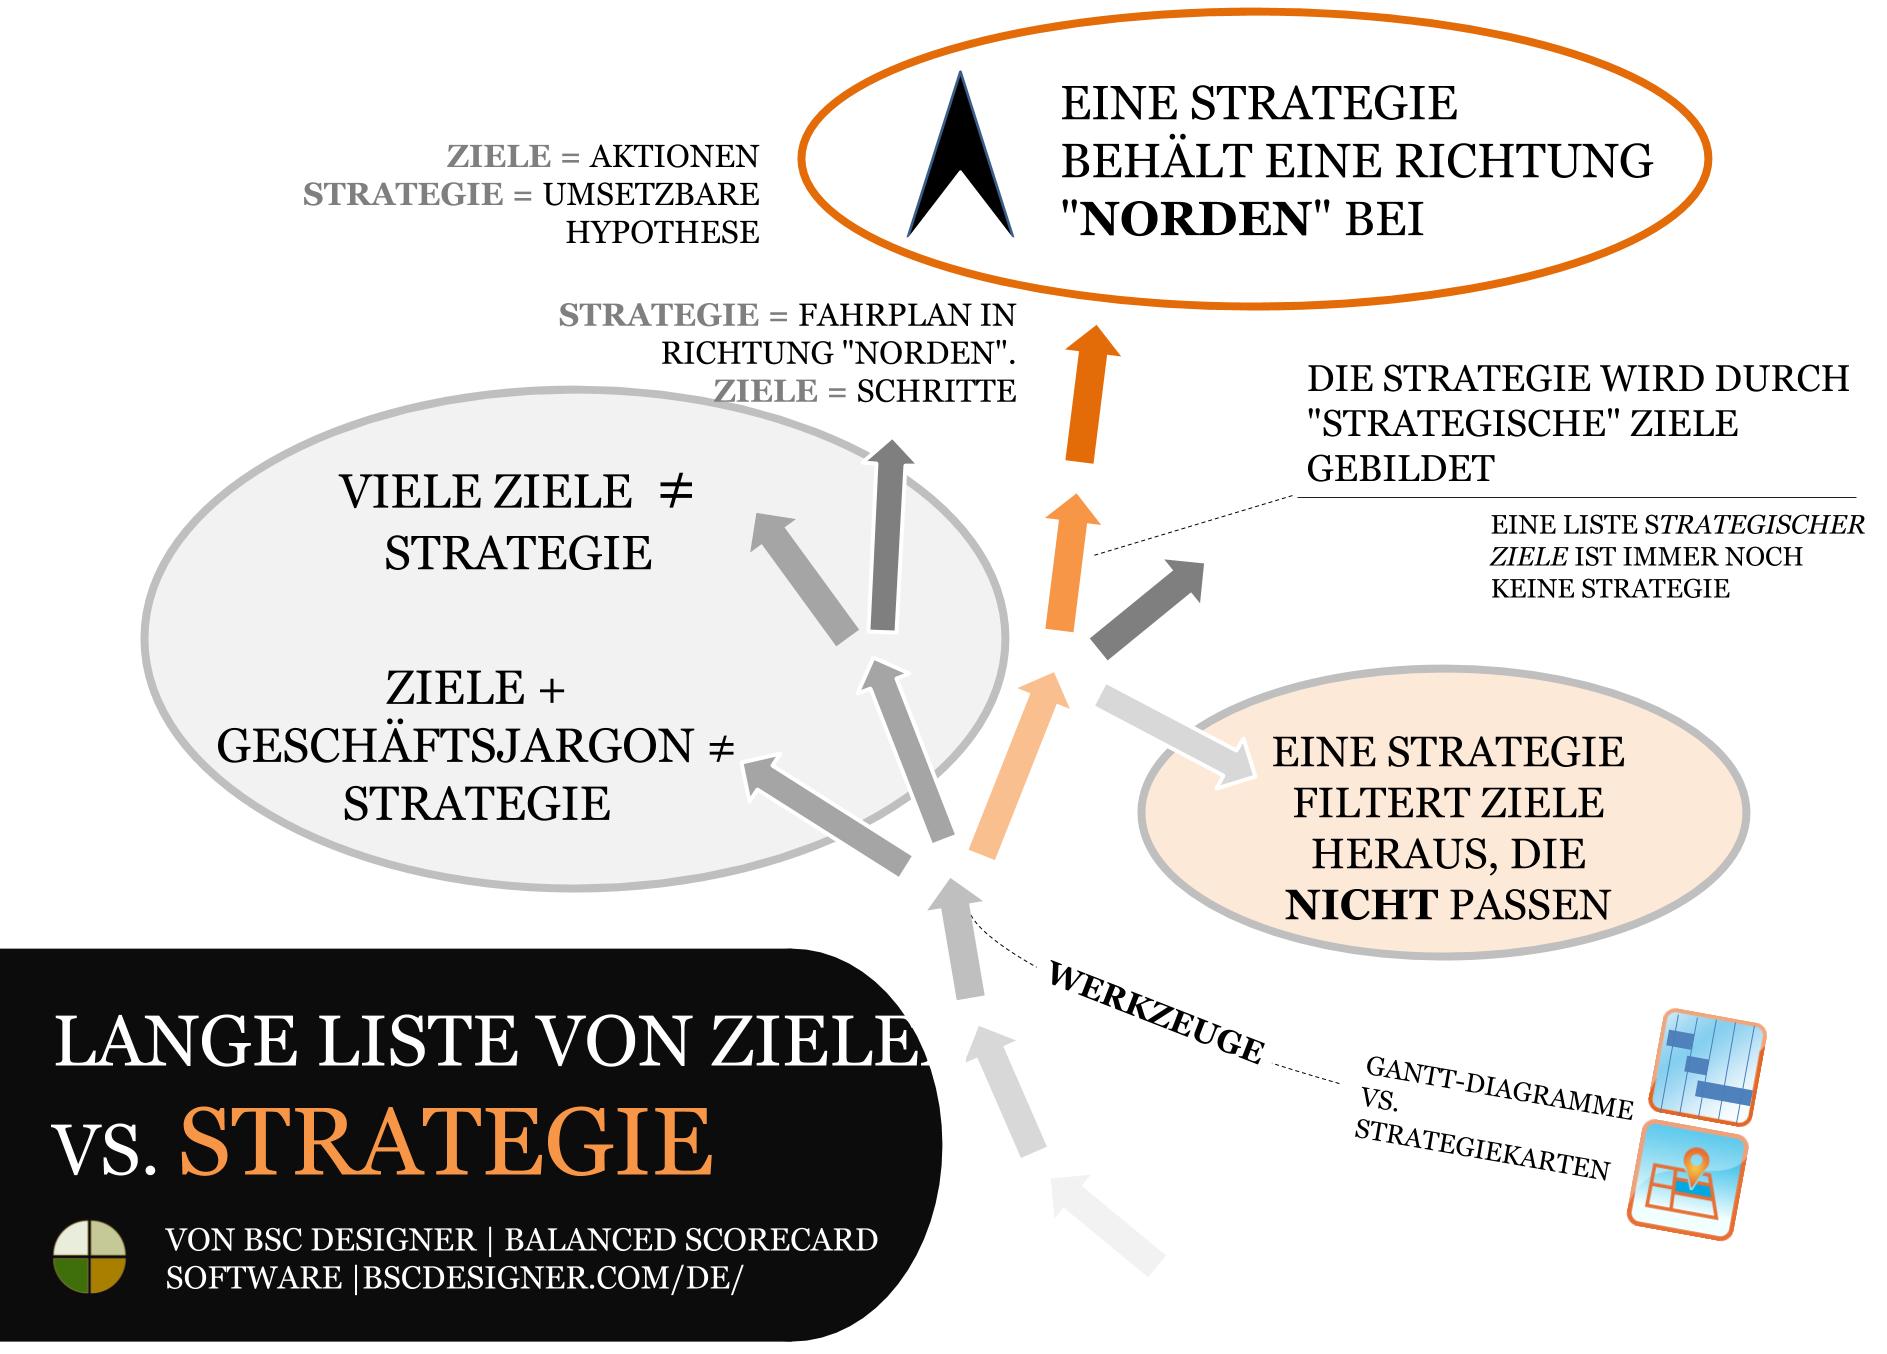 Die Unterschiede zwischen einer Zielliste und einer Strategie